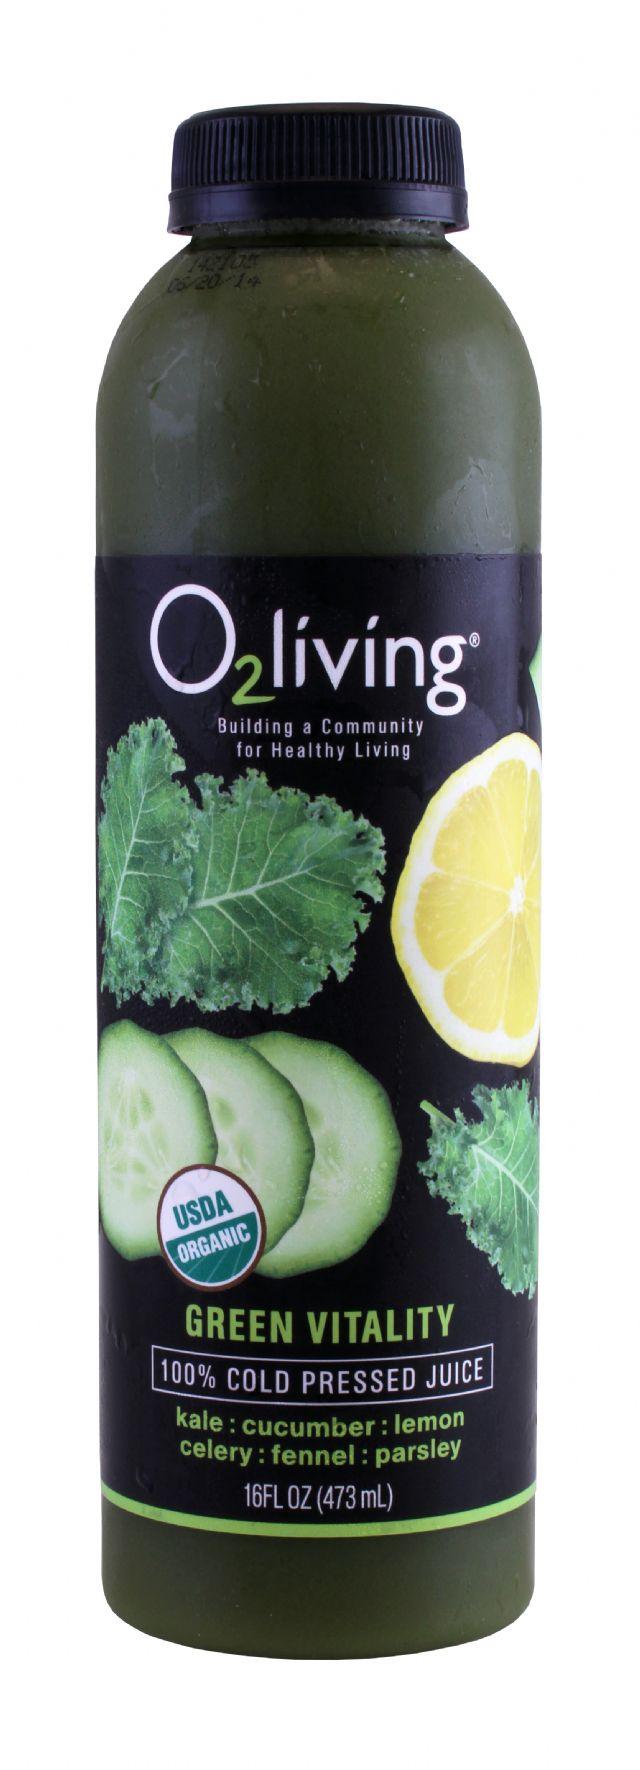 o2living: O2Living_GreenVitalityLG_Front